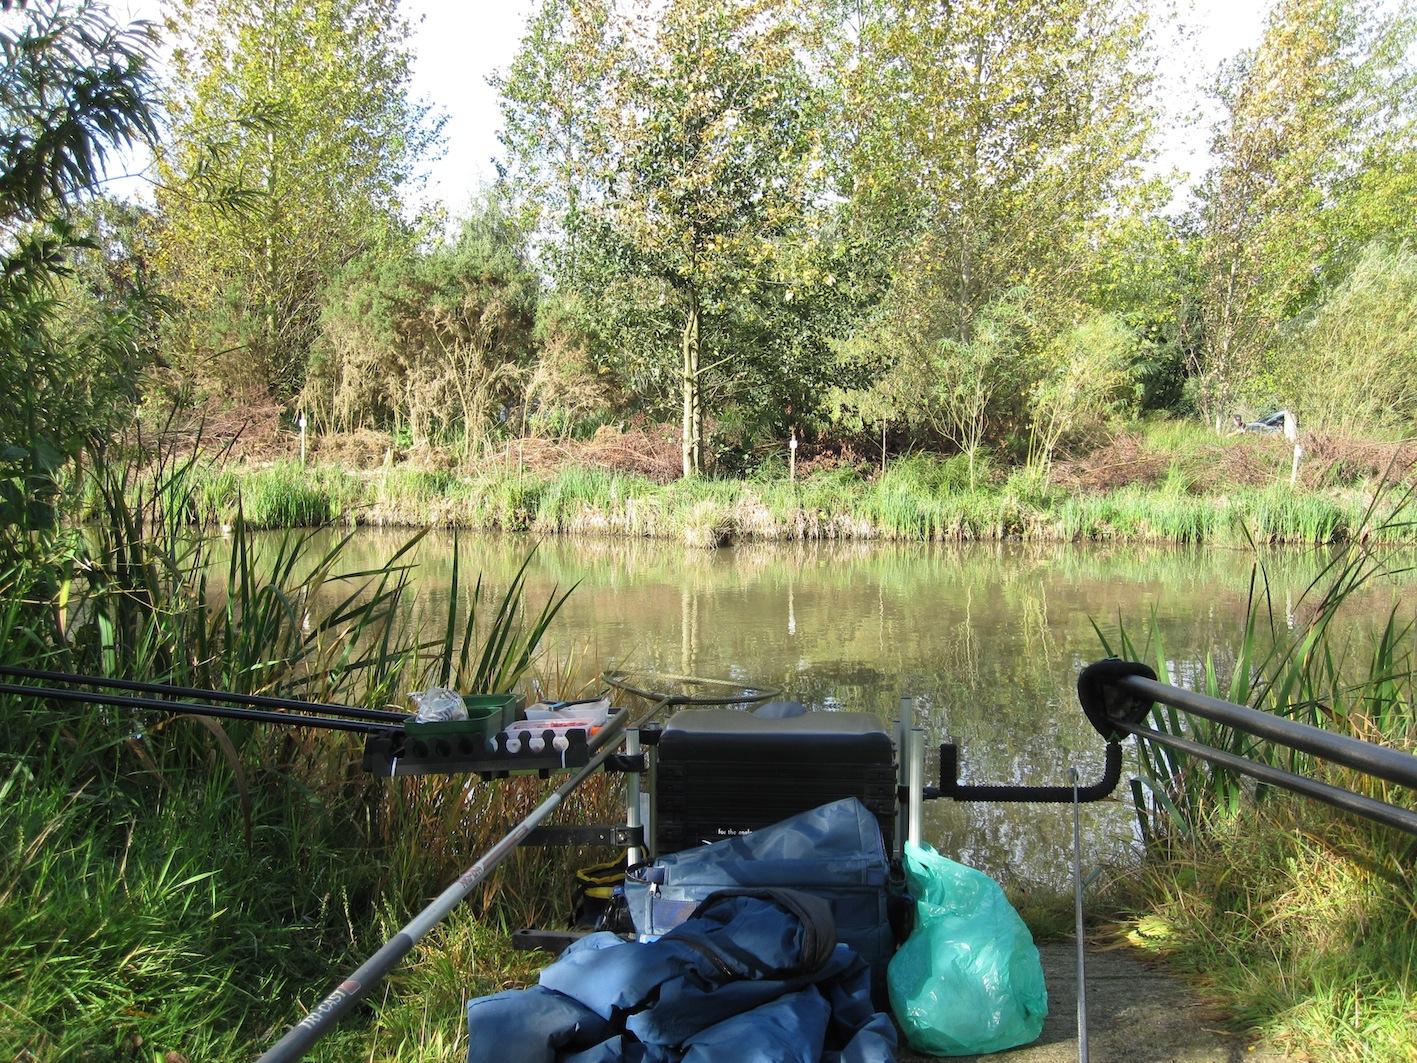 sessay fishery